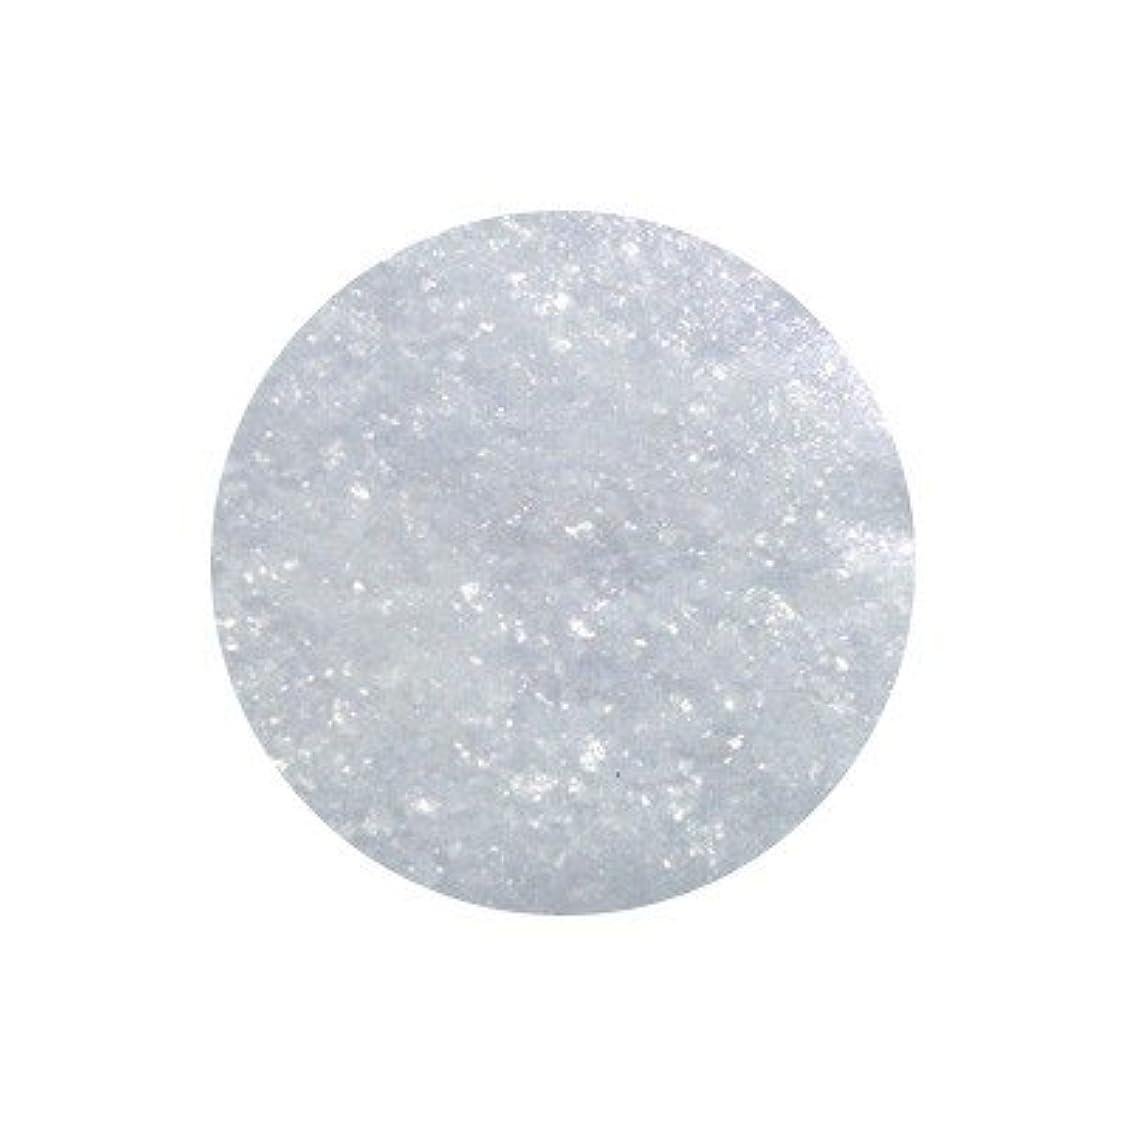 小麦宣伝炭素ピカエース ネイル用パウダー クリスタルパール L #438-CVL パープル 0.5g